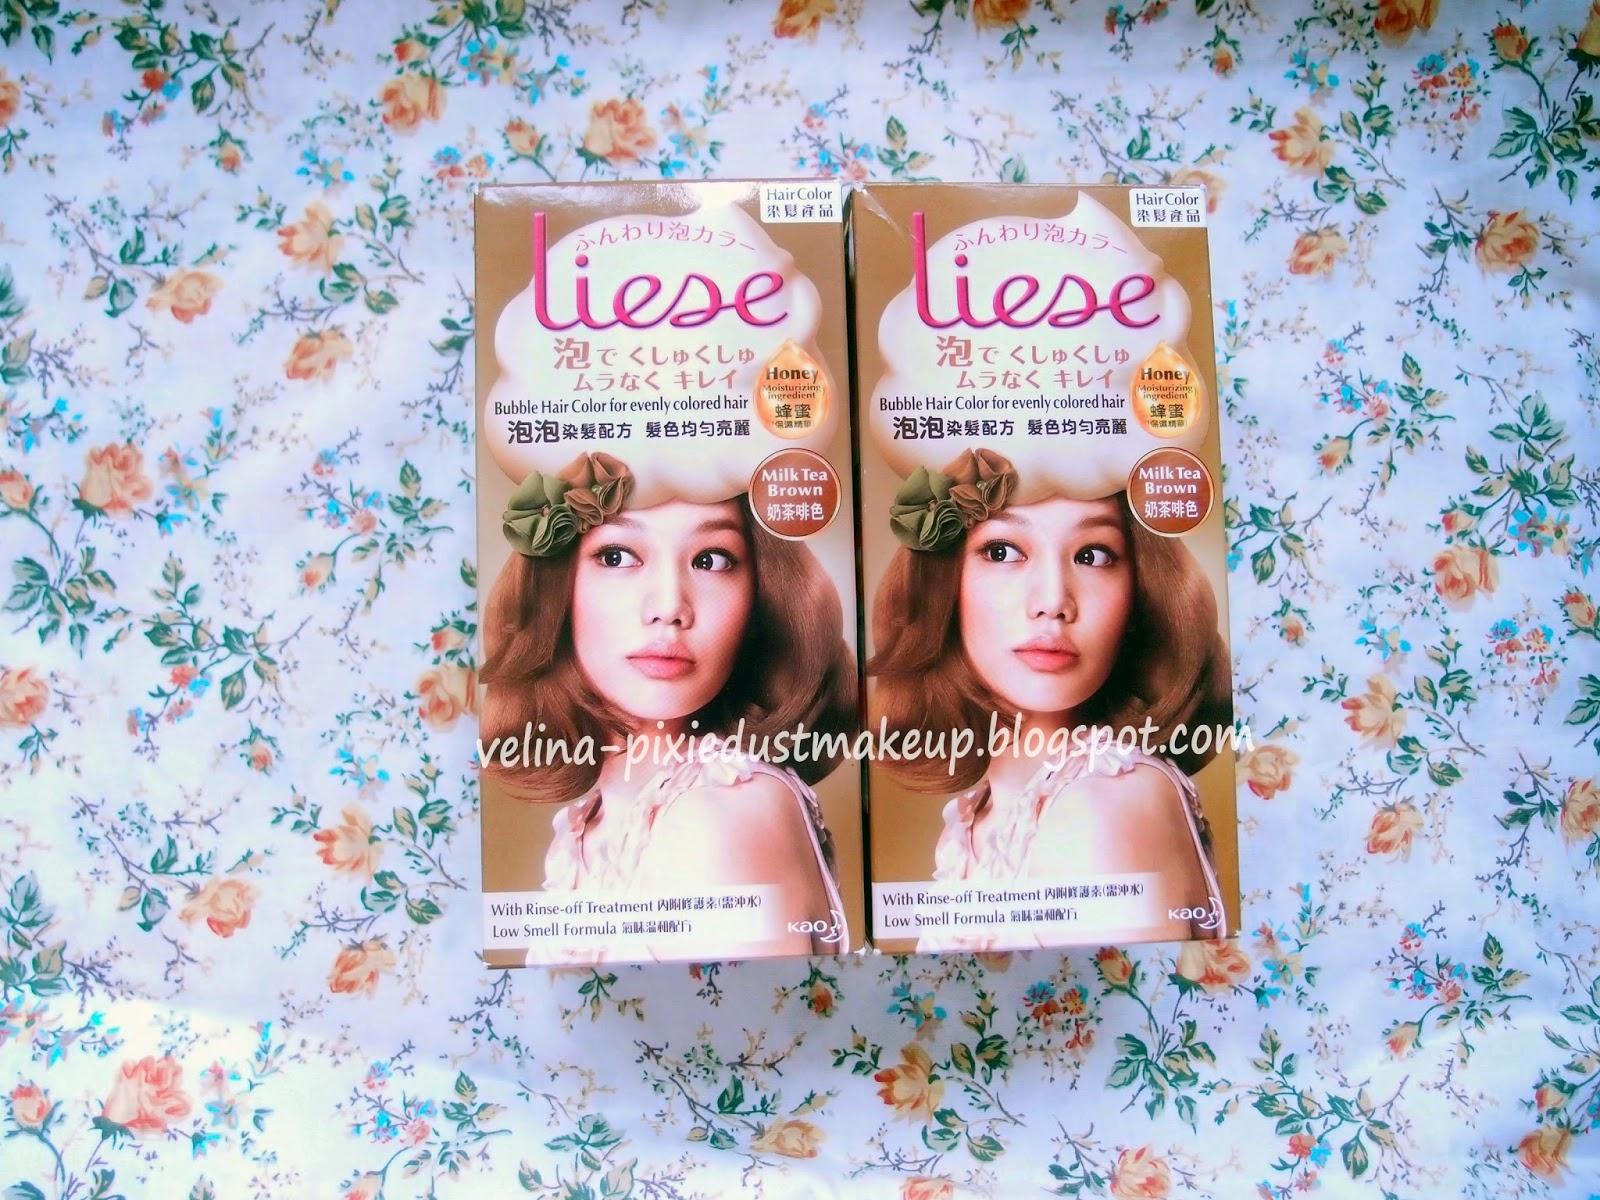 Velina Pixie Dust Makeup Liese Bubble Hair Color Milk Tea